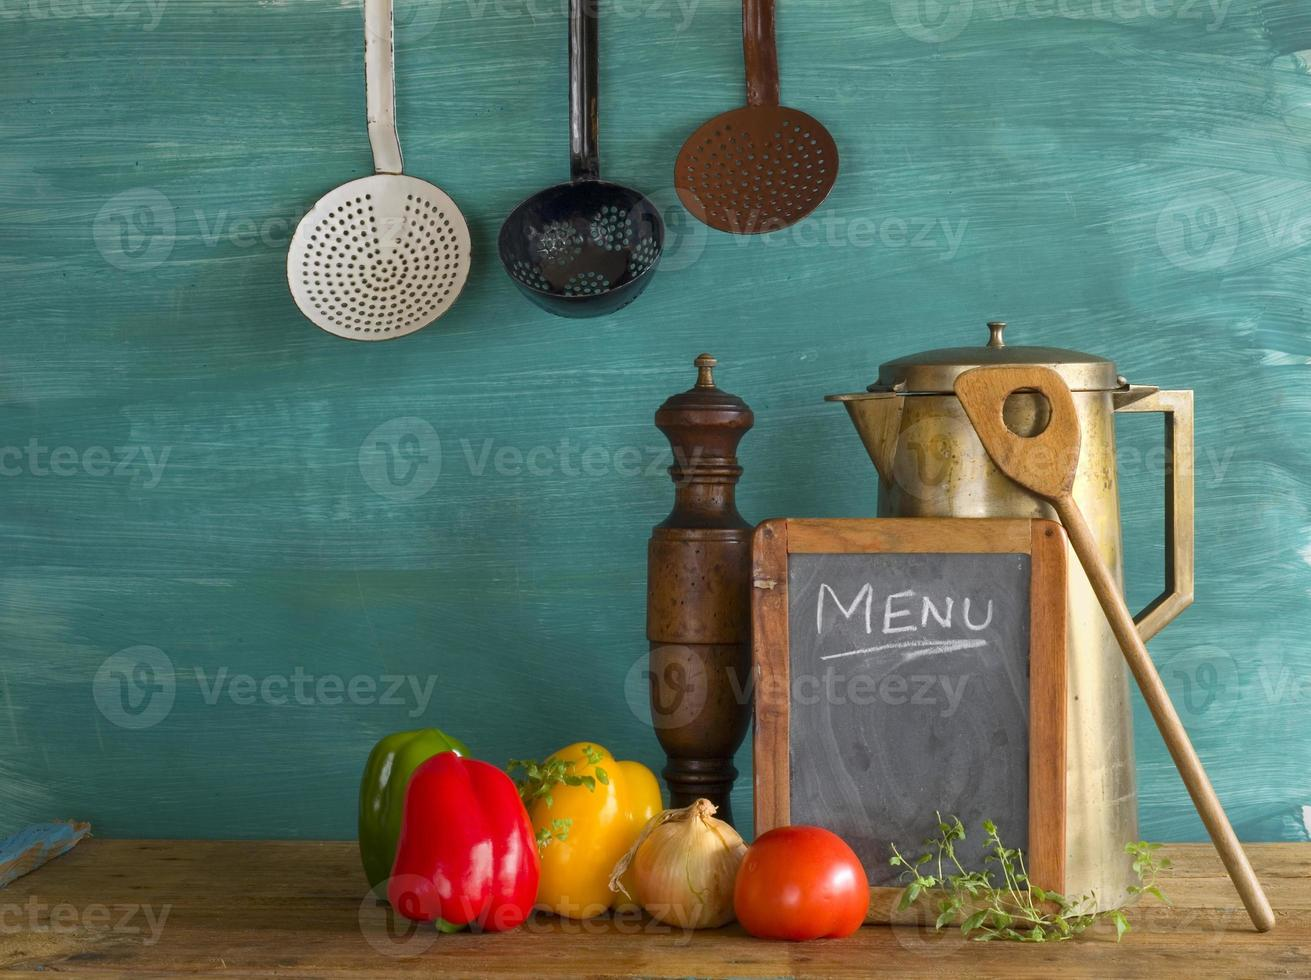 menú w. ingredientes alimenticios, recetas de cocina foto